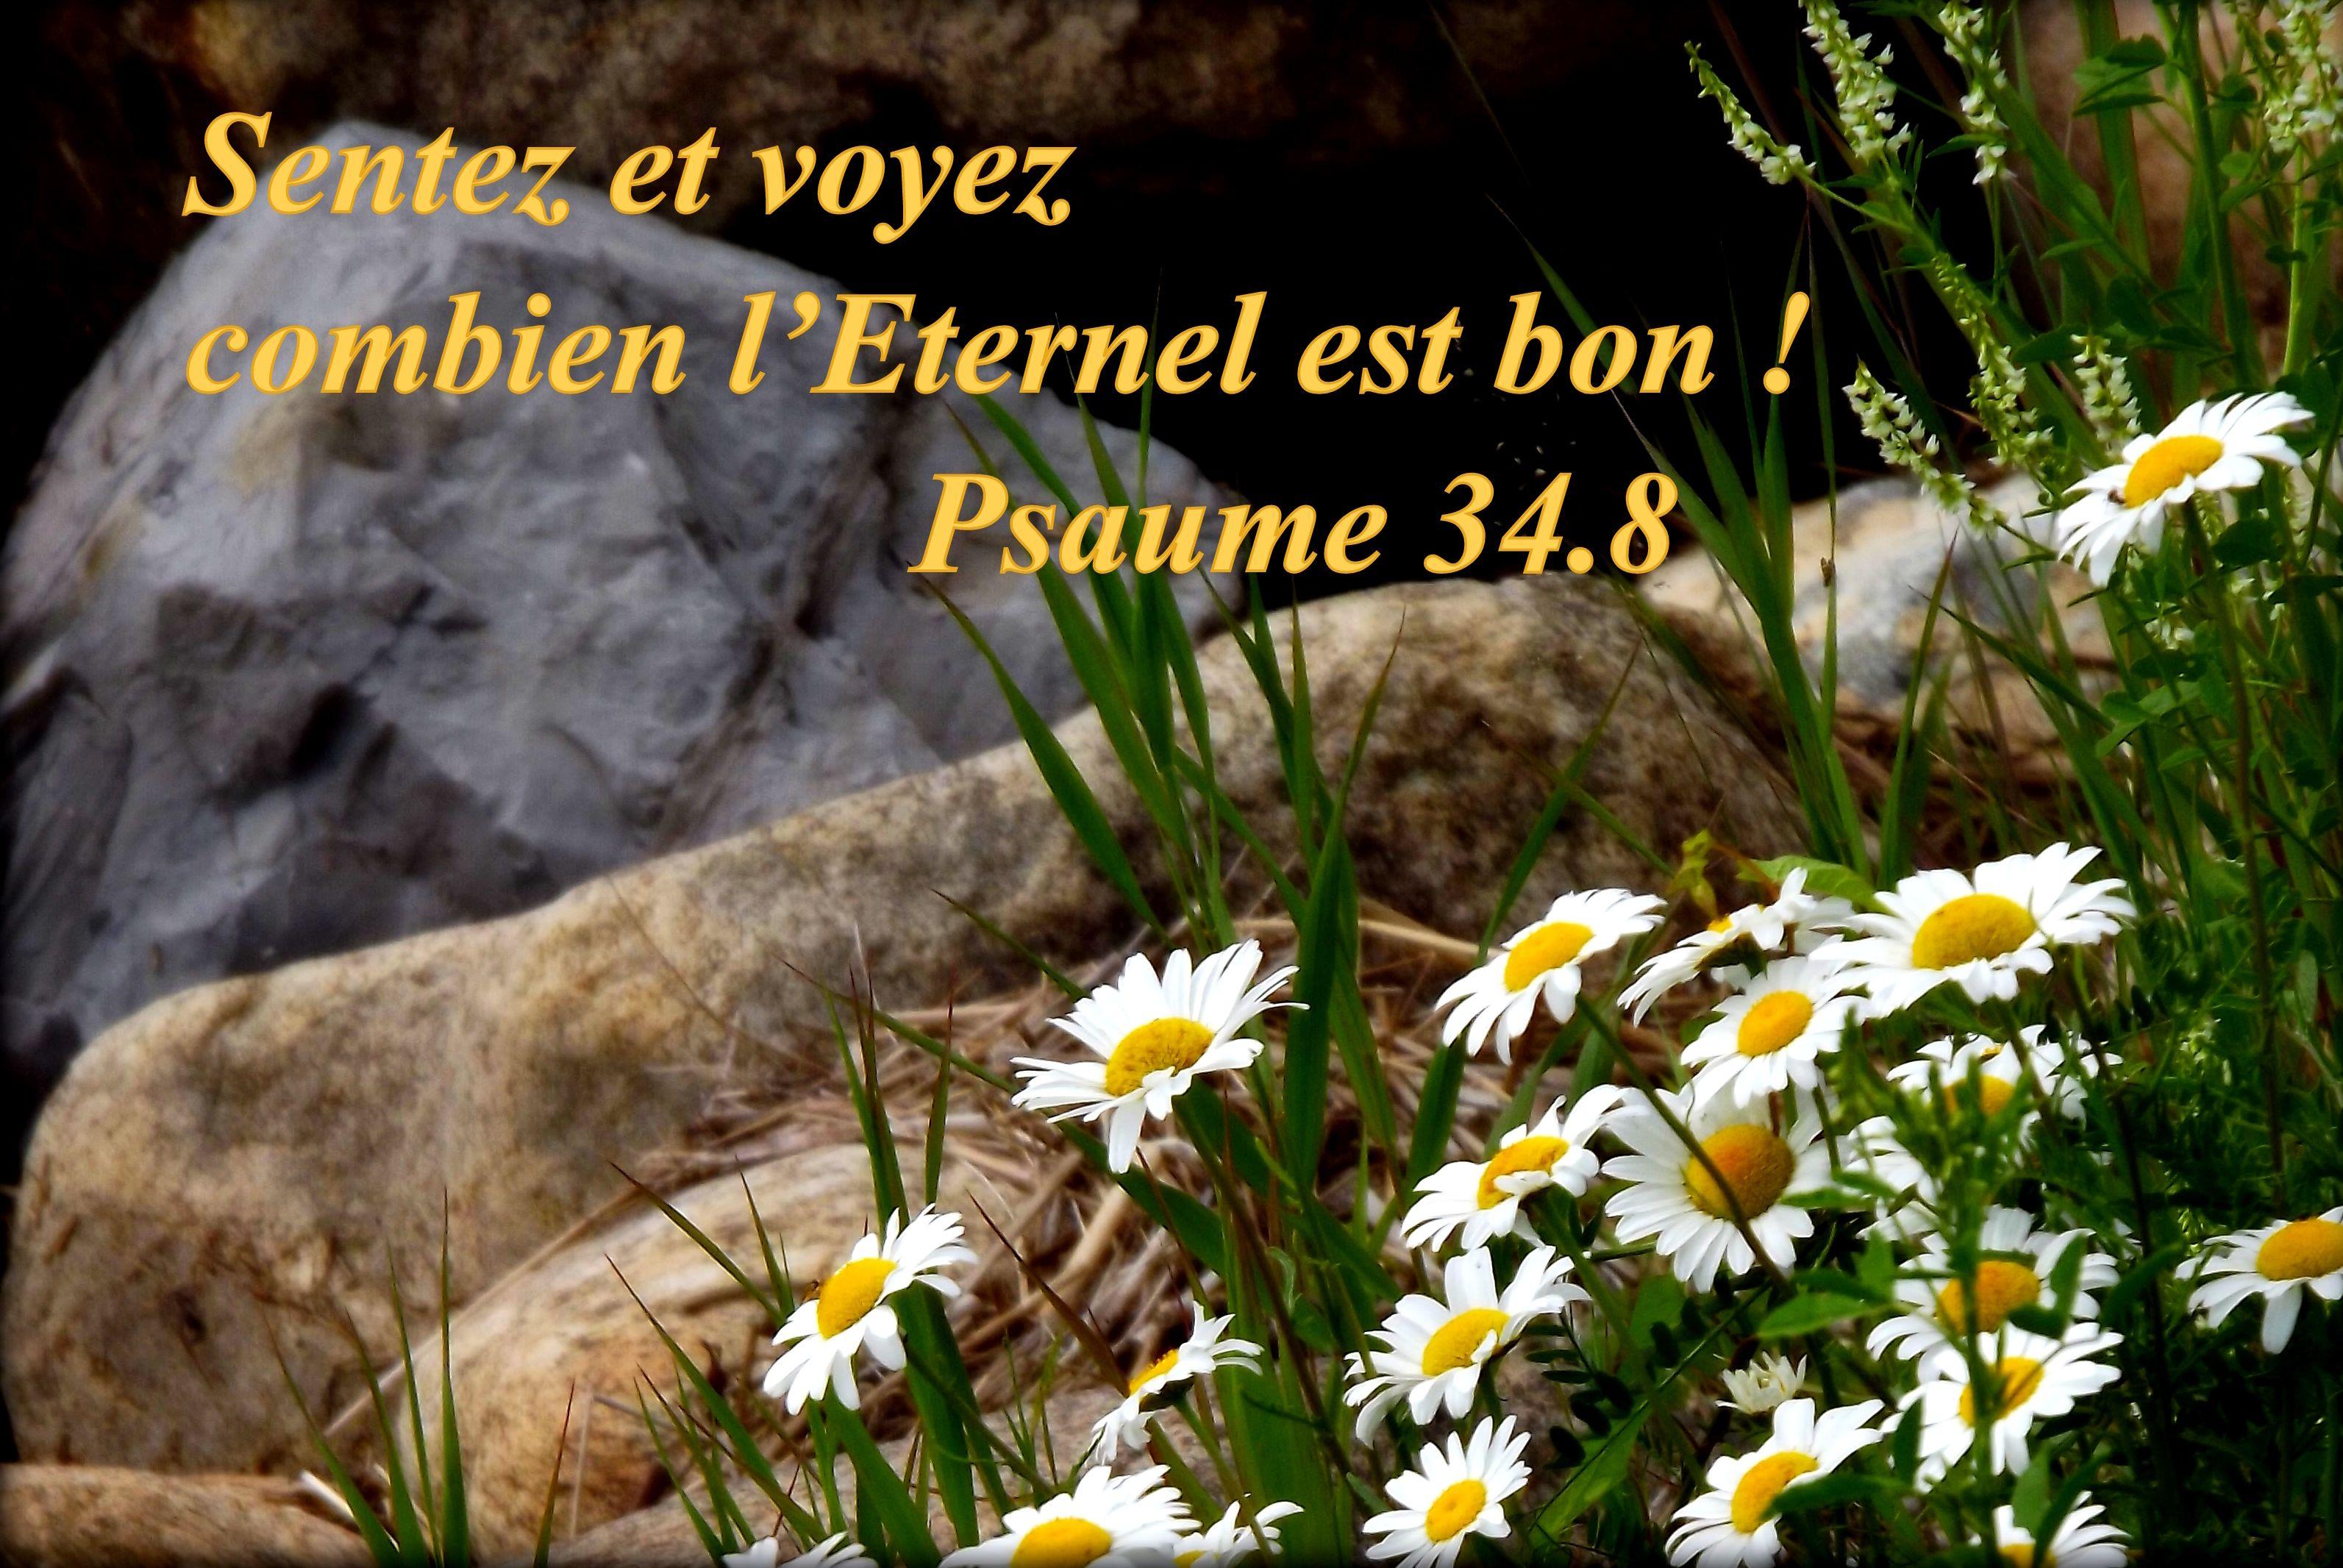 Oui, Dieu est bon pour nous.  Il s'agit d'être attentif aux détails de la vie pour le voir agir!